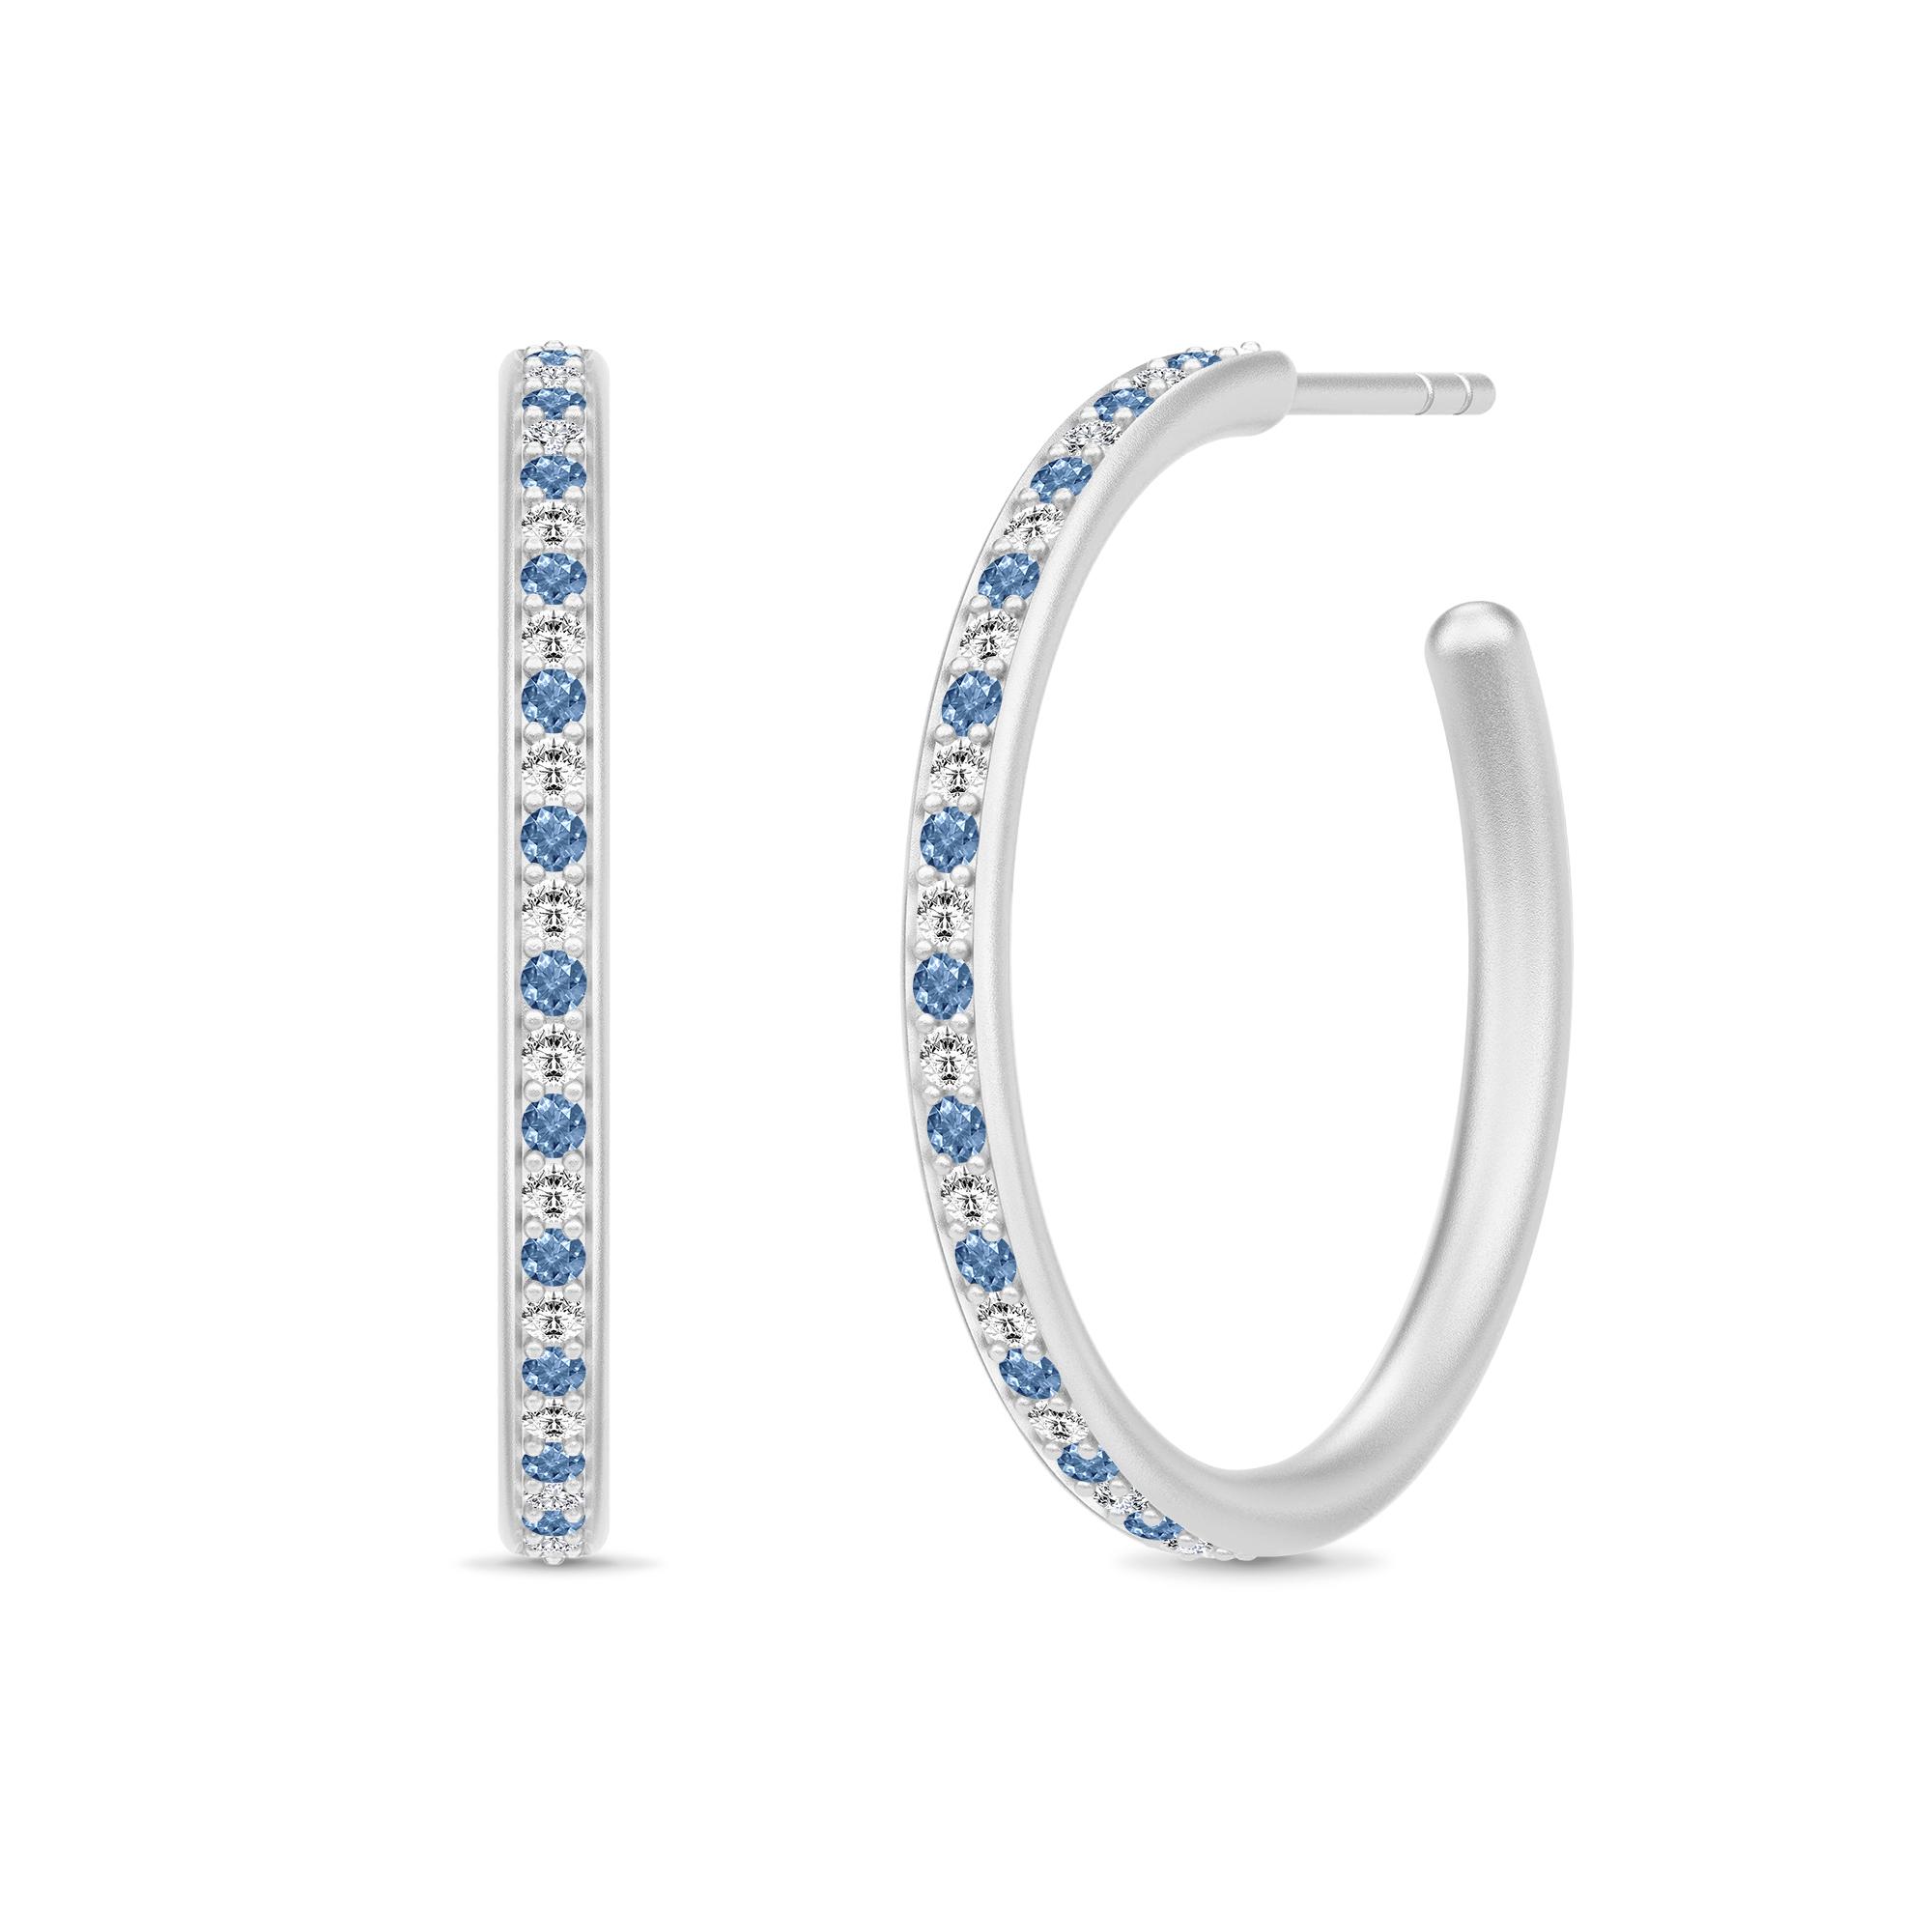 Image of   Julie Sandlau Infinity Hoops øreringe i sølv med blå cz